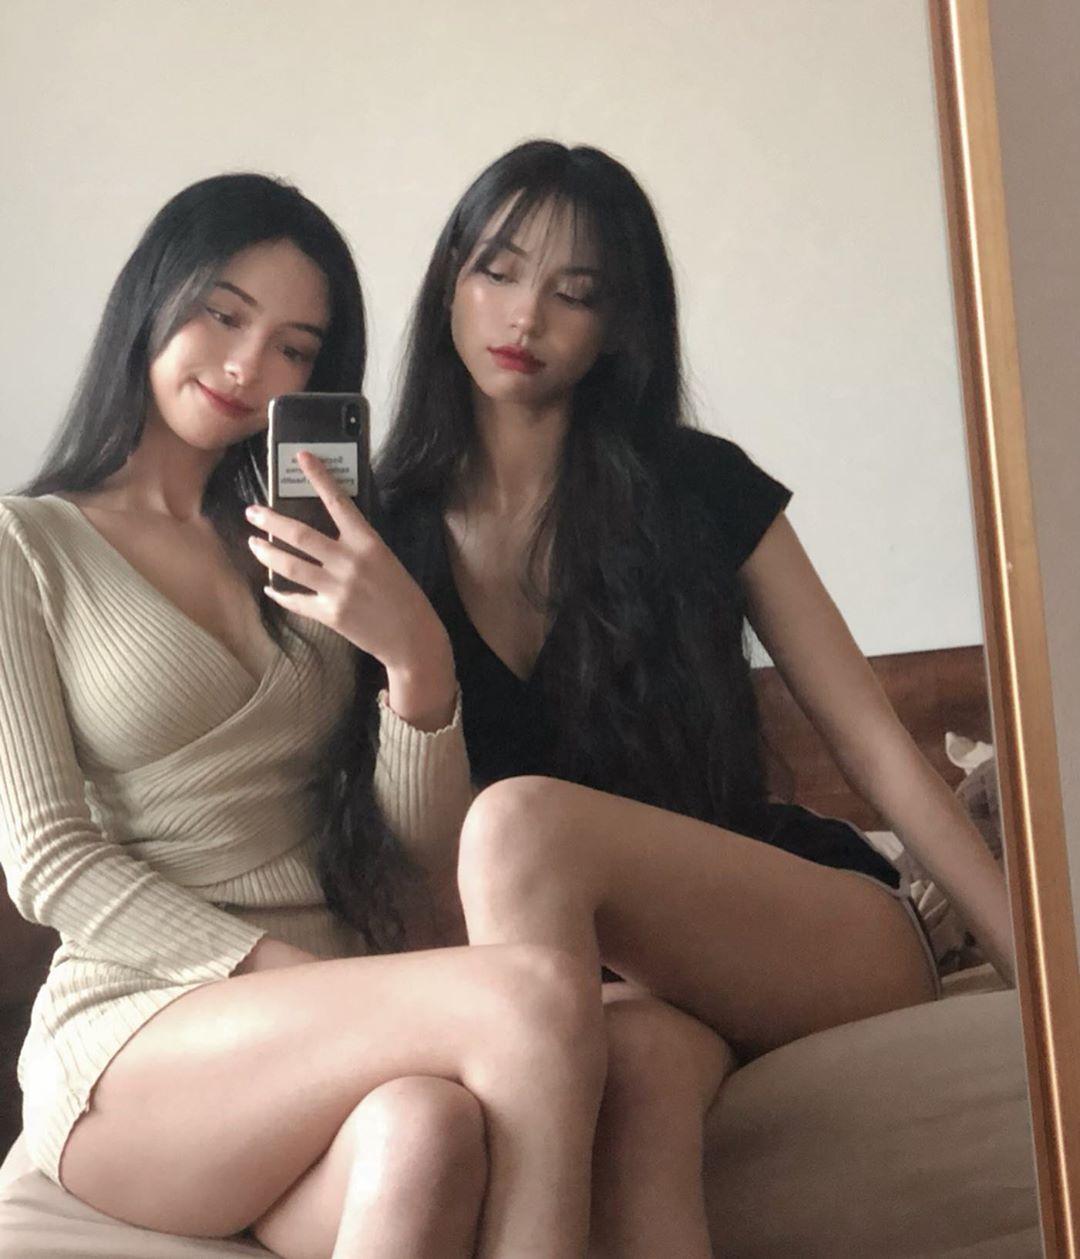 美国双胞胎姊妹《Anastasia与Alex》好惹火!